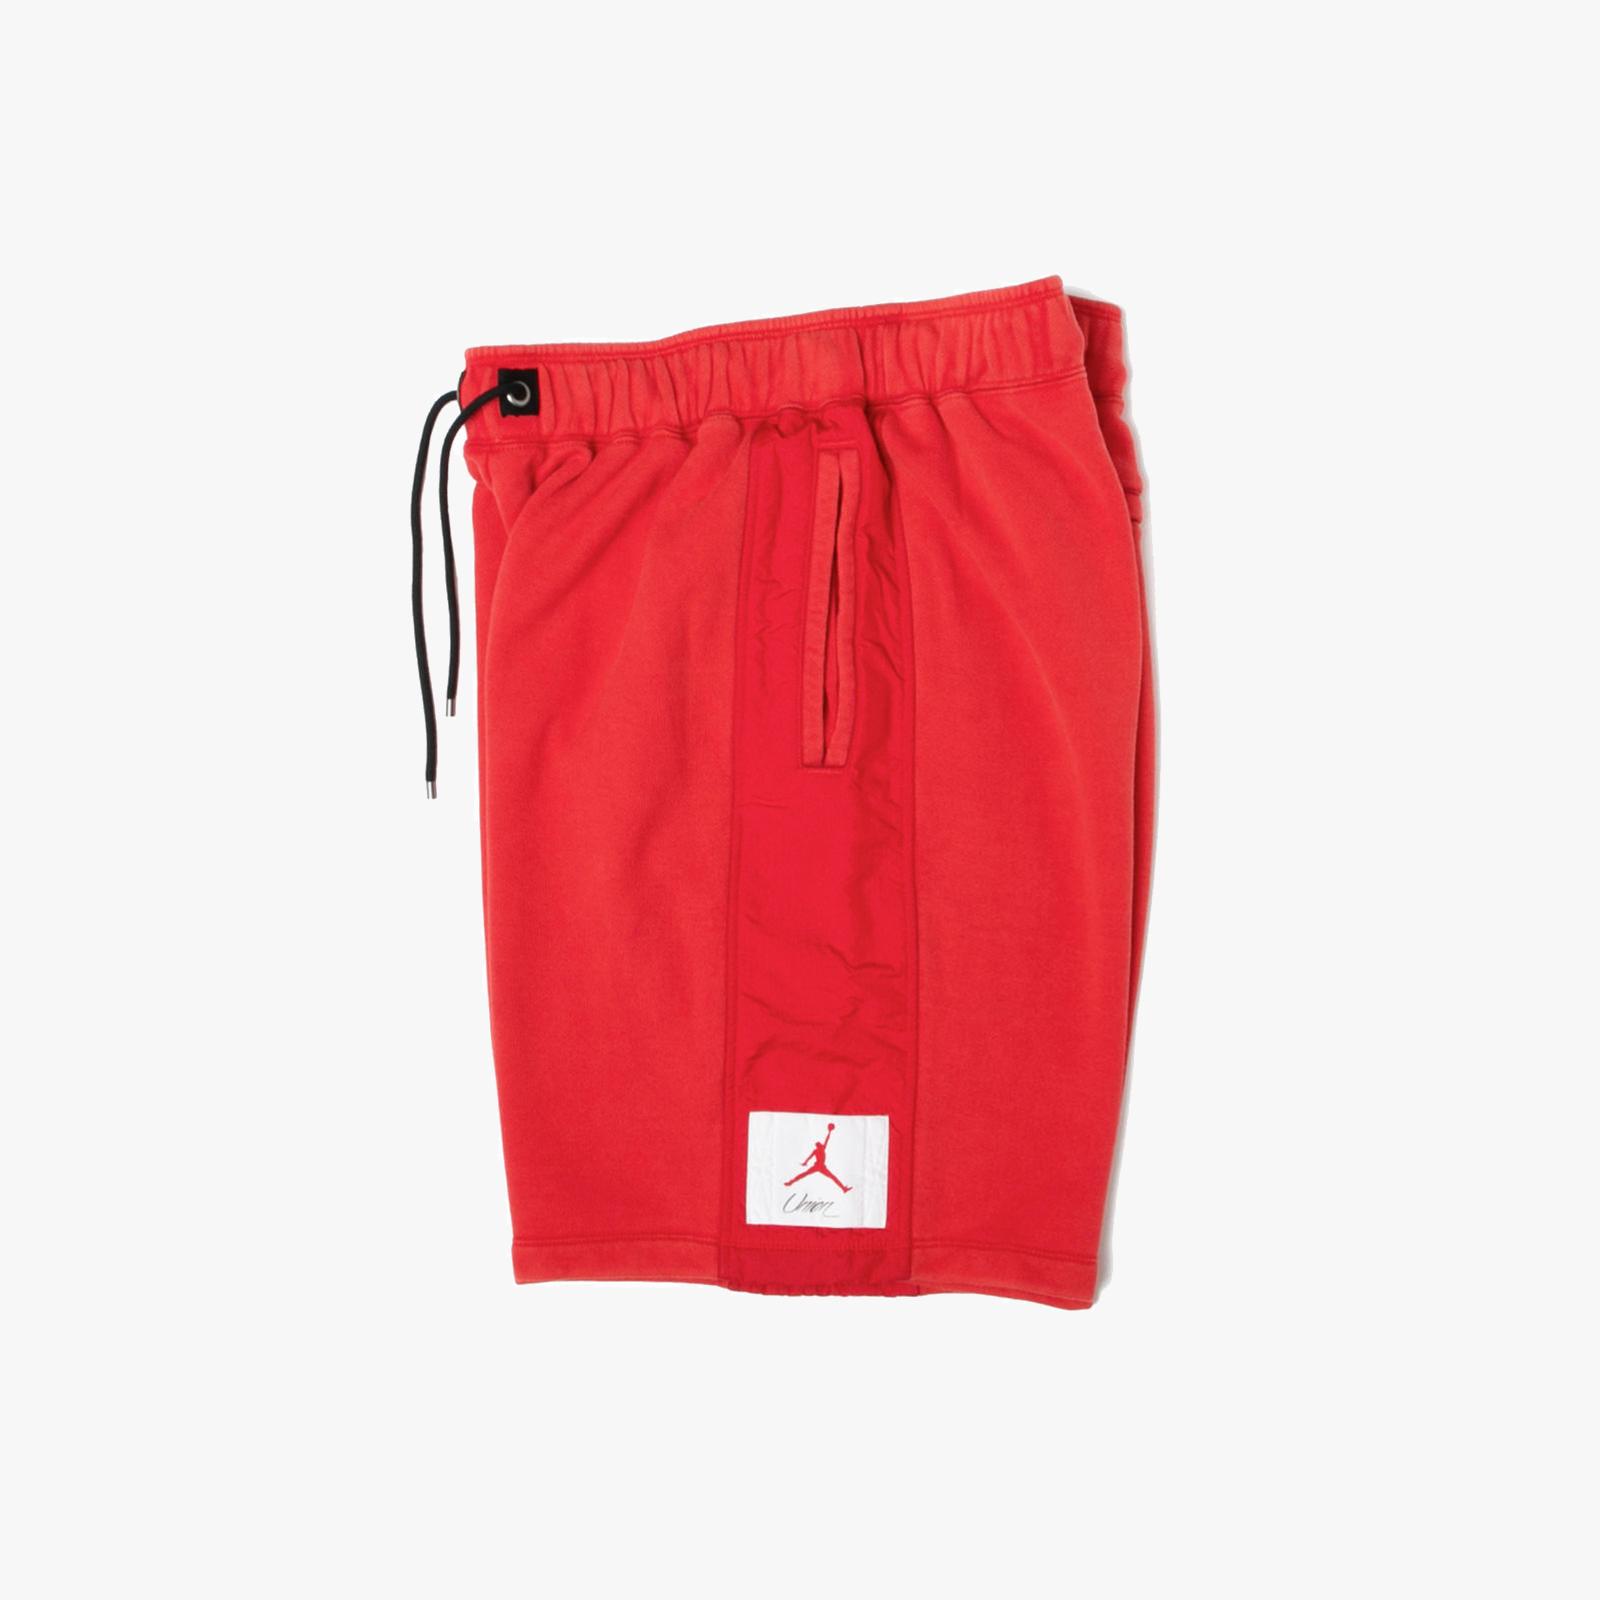 f1f53e9e906 Jordan Brand Flight Short x Union - Ah3404-657 - Sneakersnstuff | sneakers  & streetwear online since 1999